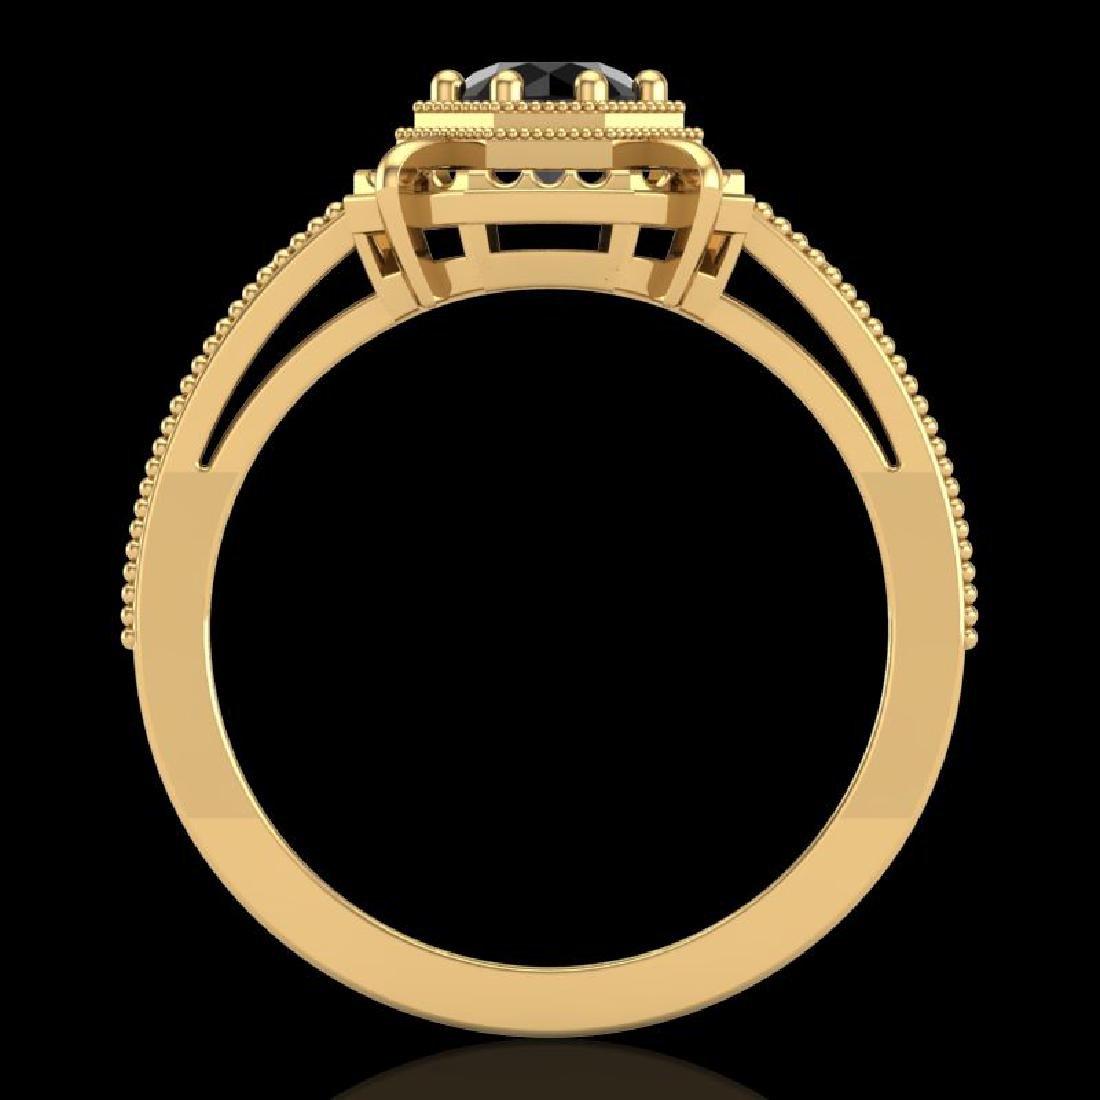 0.53 CTW Fancy Black Diamond Solitaire Engagement Art - 3